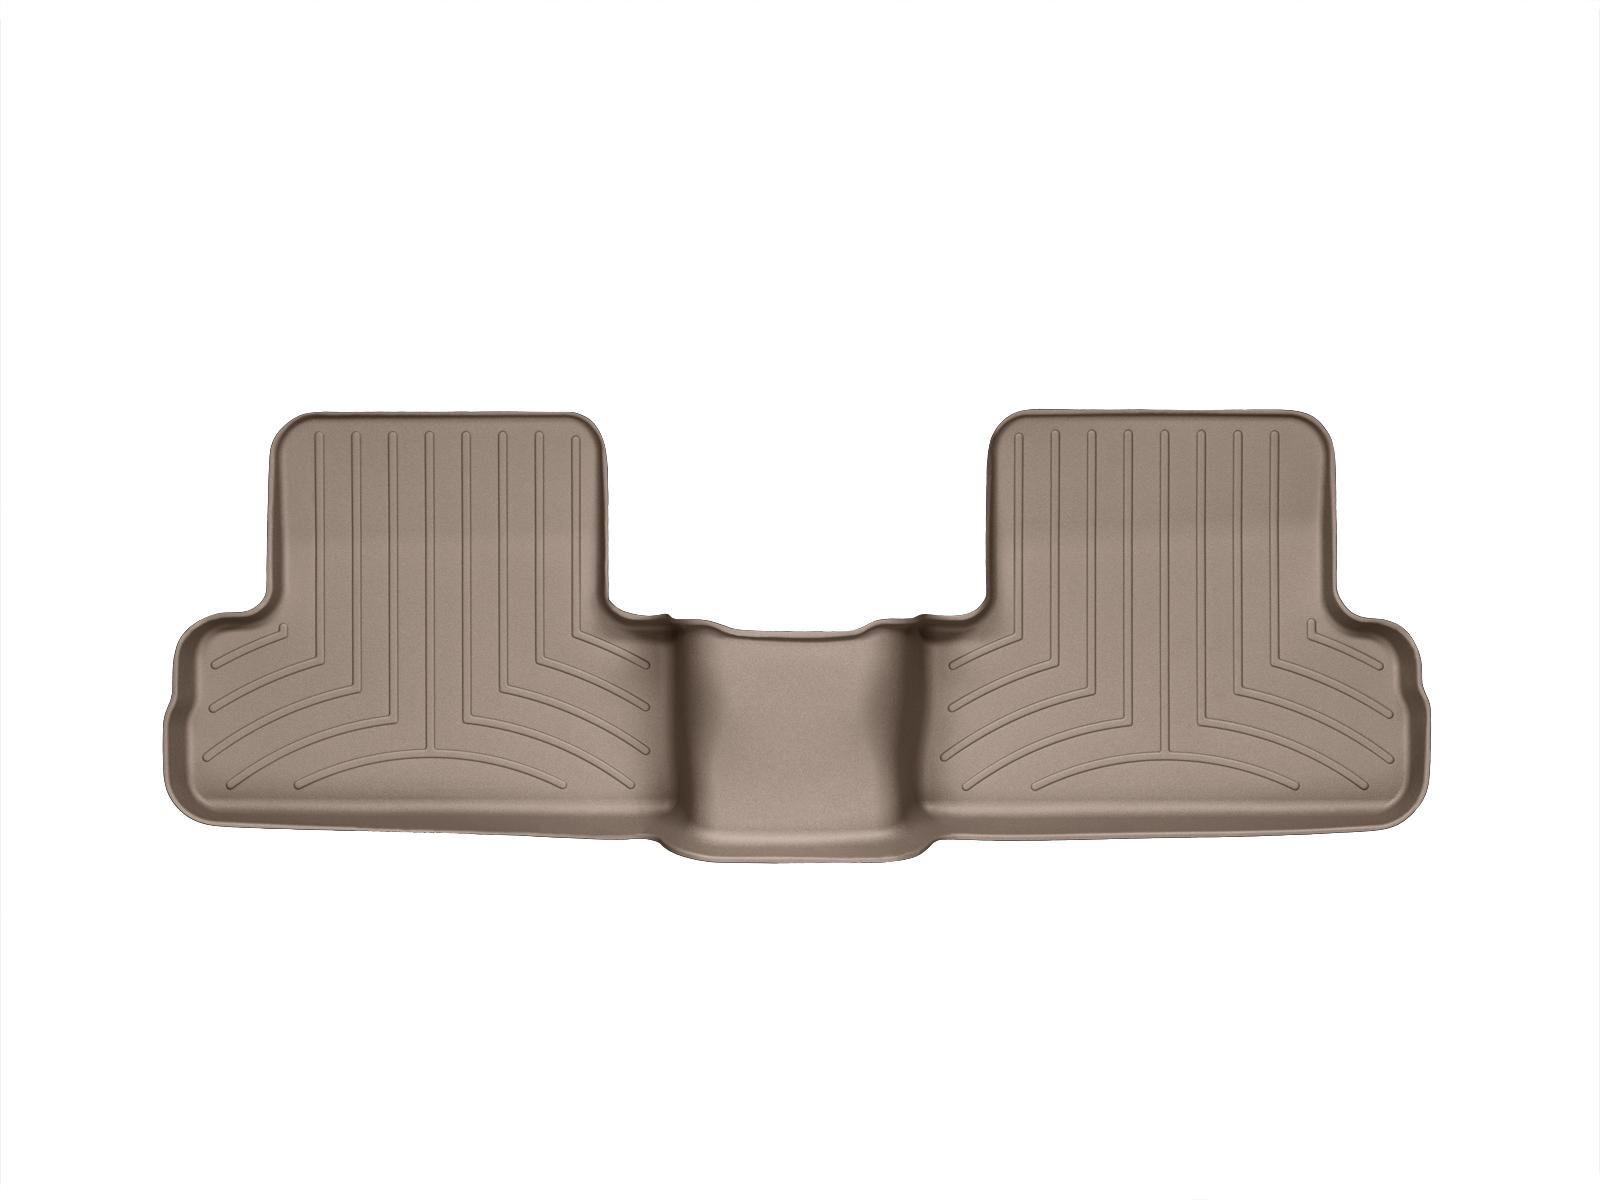 Tappeti gomma su misura bordo alto Nissan X-Trail 07>07 Marrone A2922